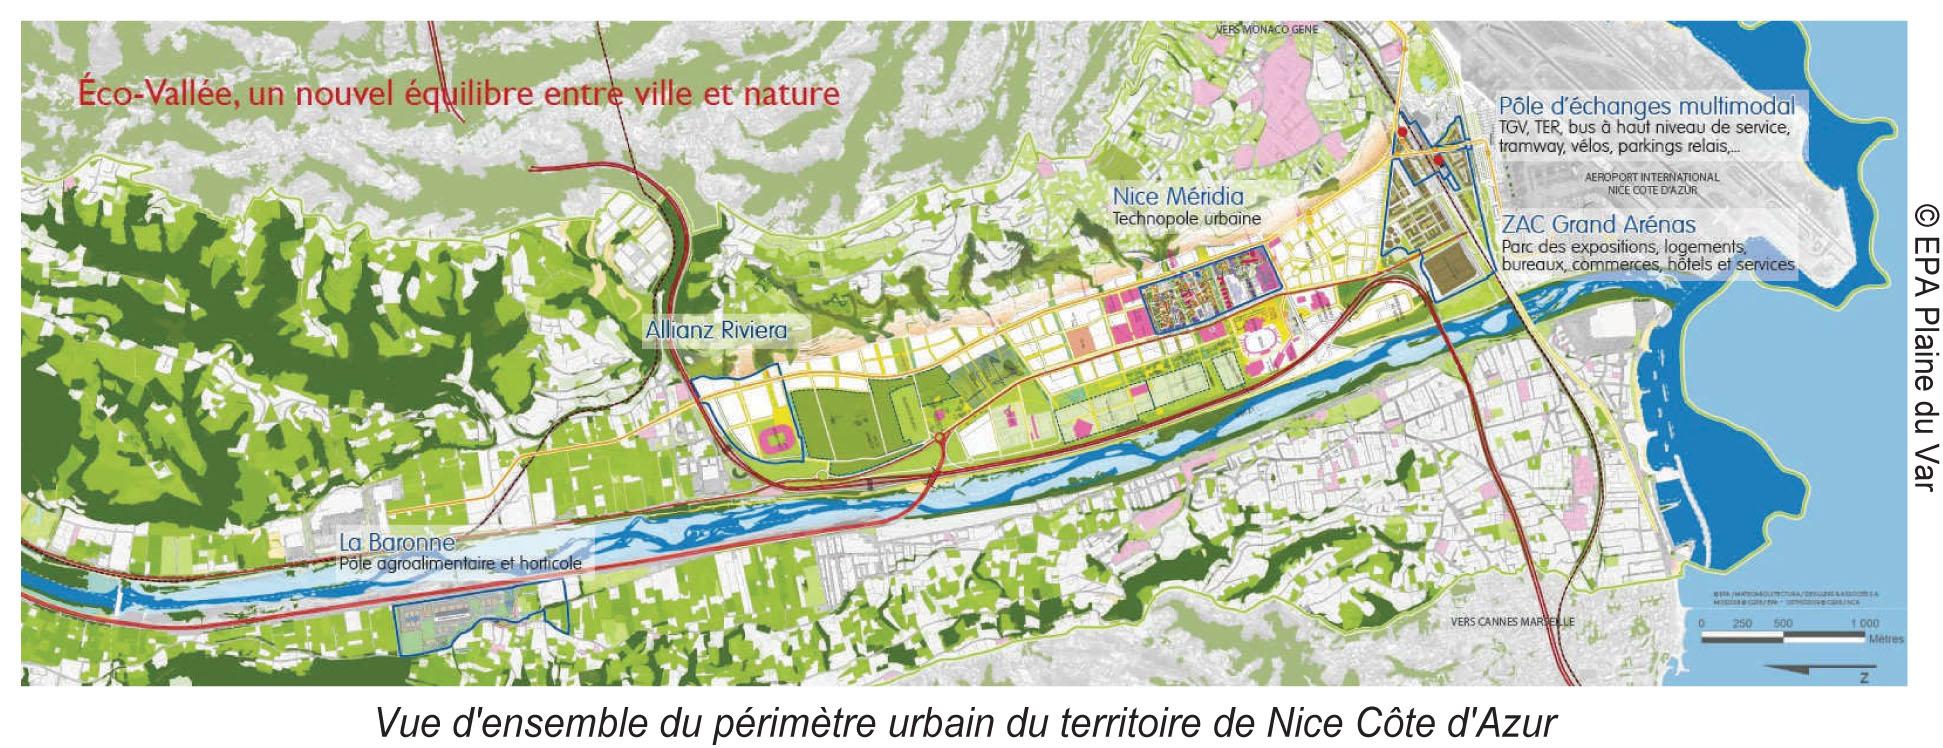 Périmètre territoire Nice Côte d'Azur (2013-09-Fiche-Nice-EcoCité-NCA-PdV